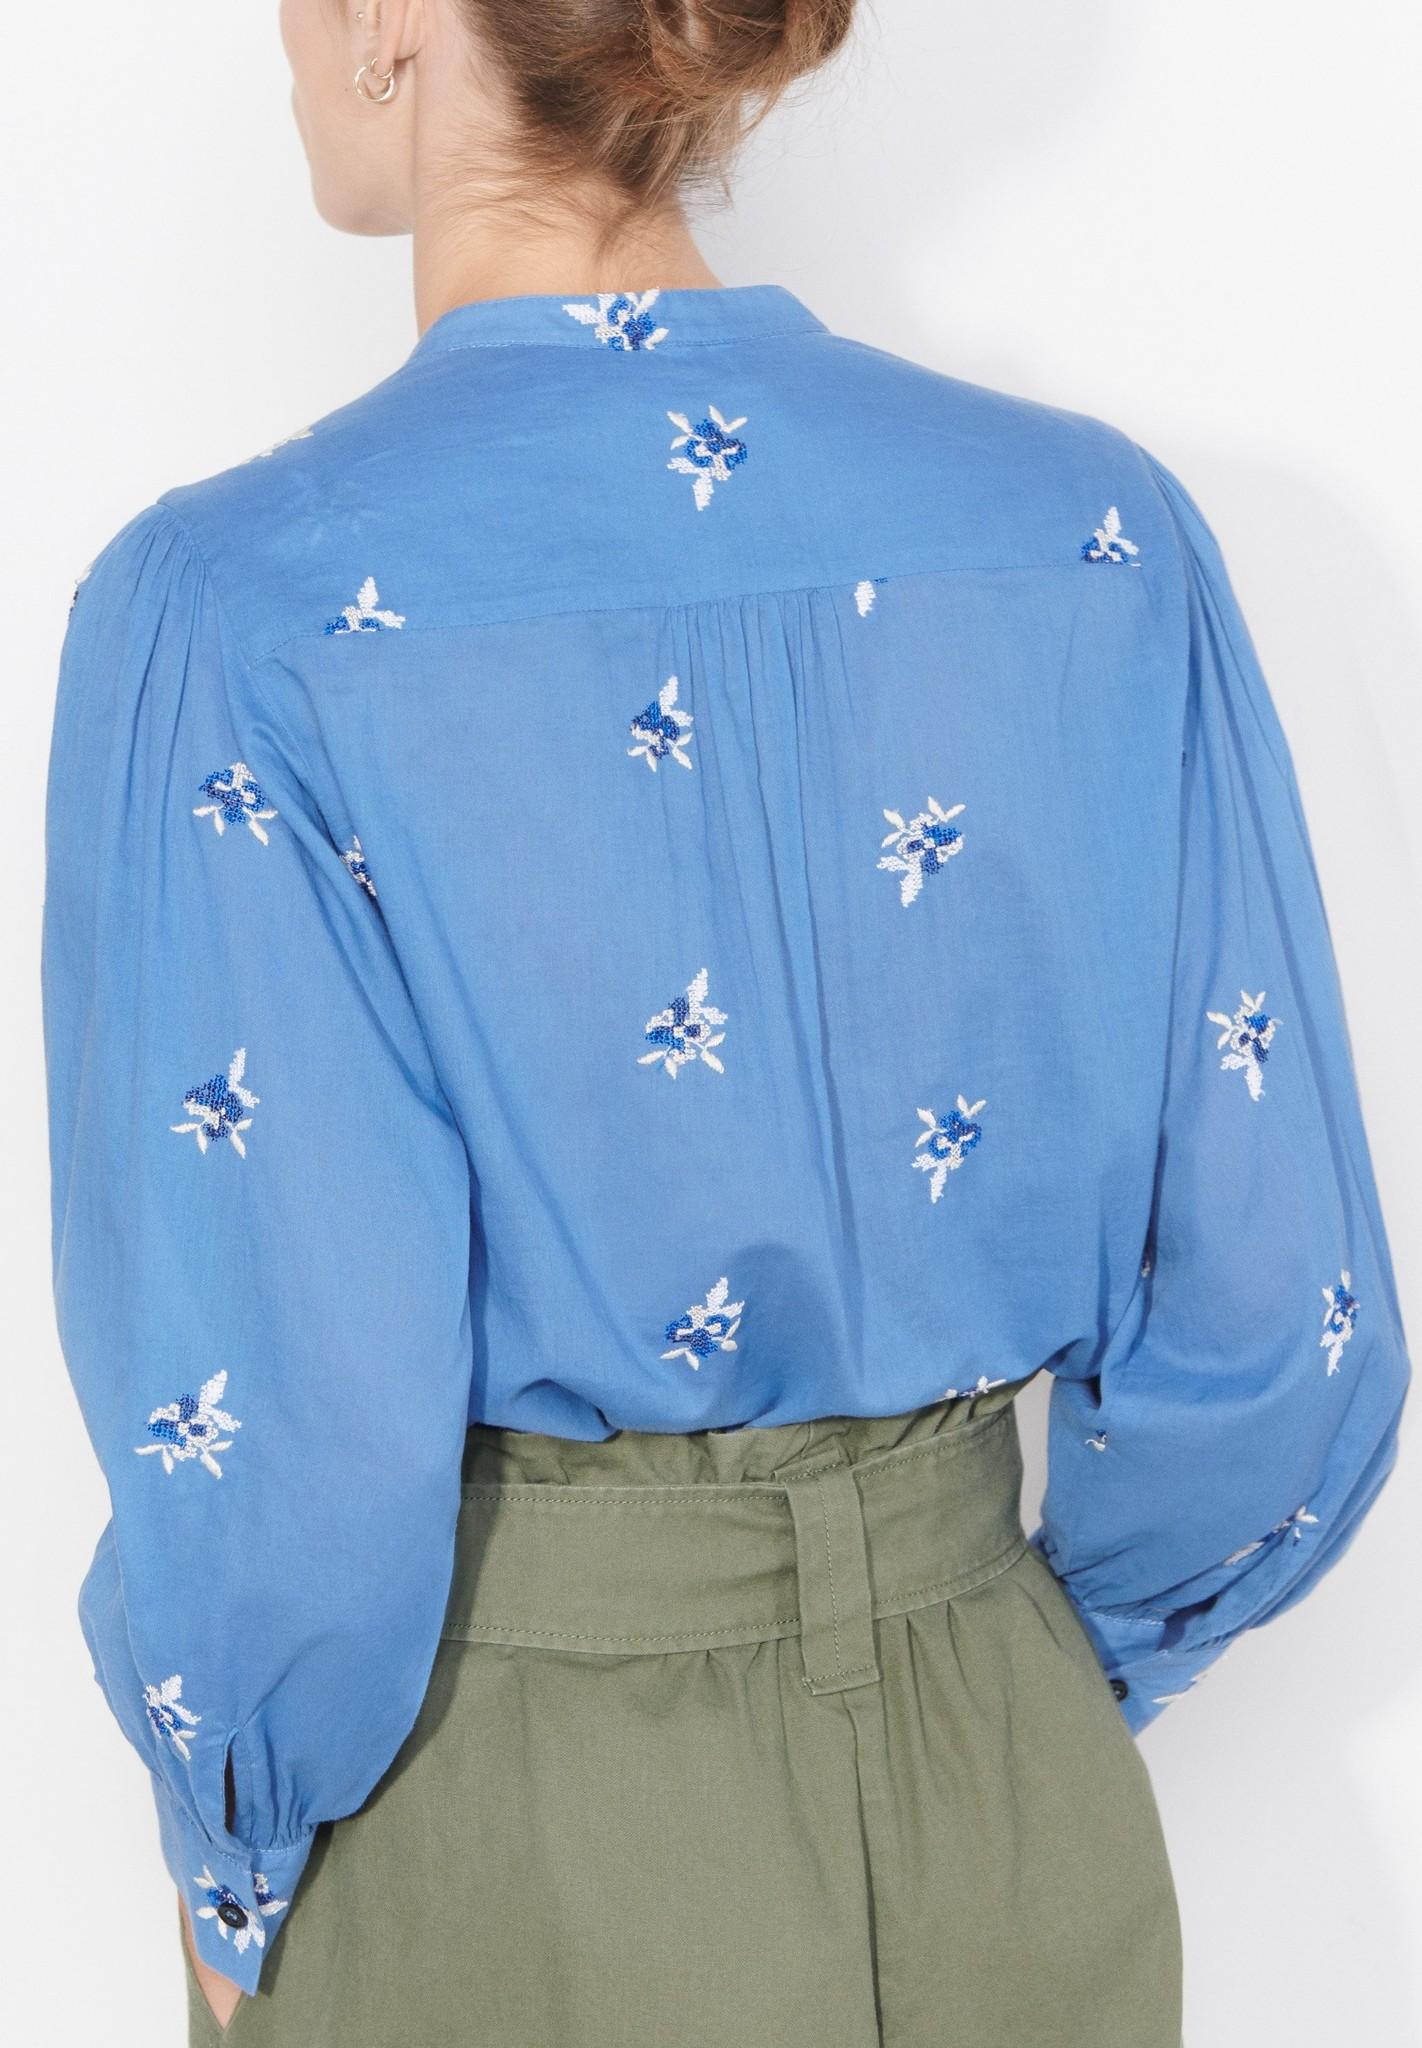 masscob Kalinda Cotton Top - Size XS